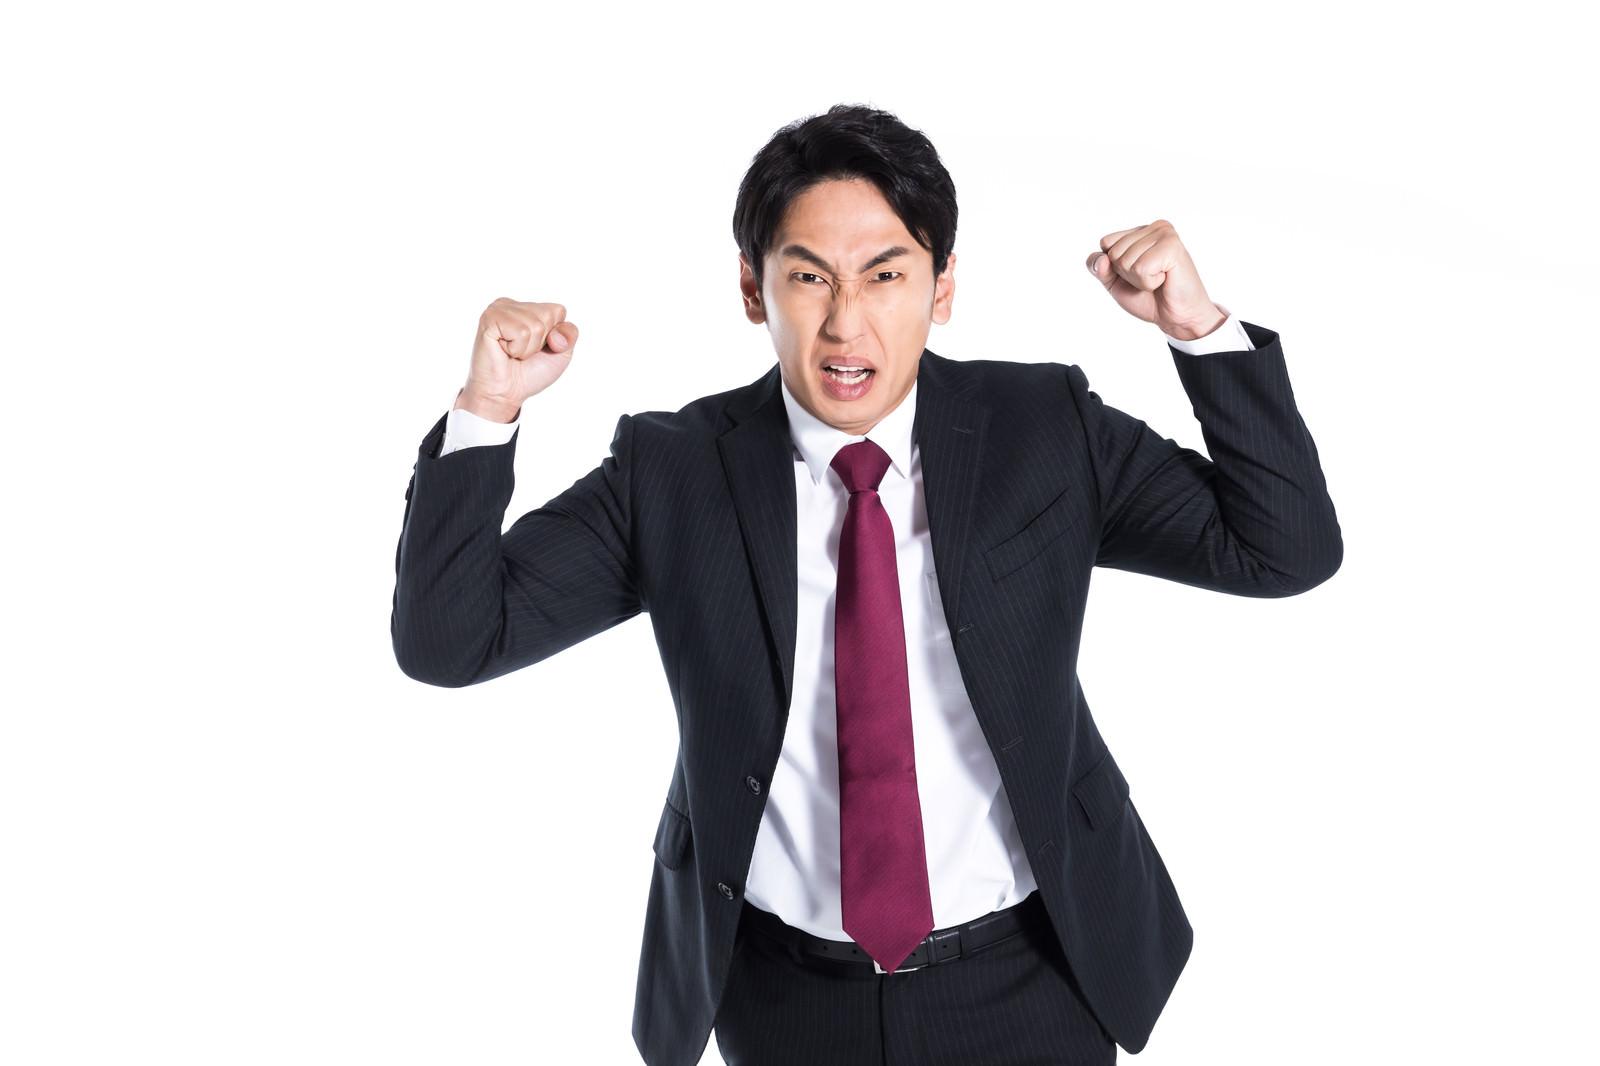 「不本意な評価で会社員は激怒した」の写真[モデル:大川竜弥]